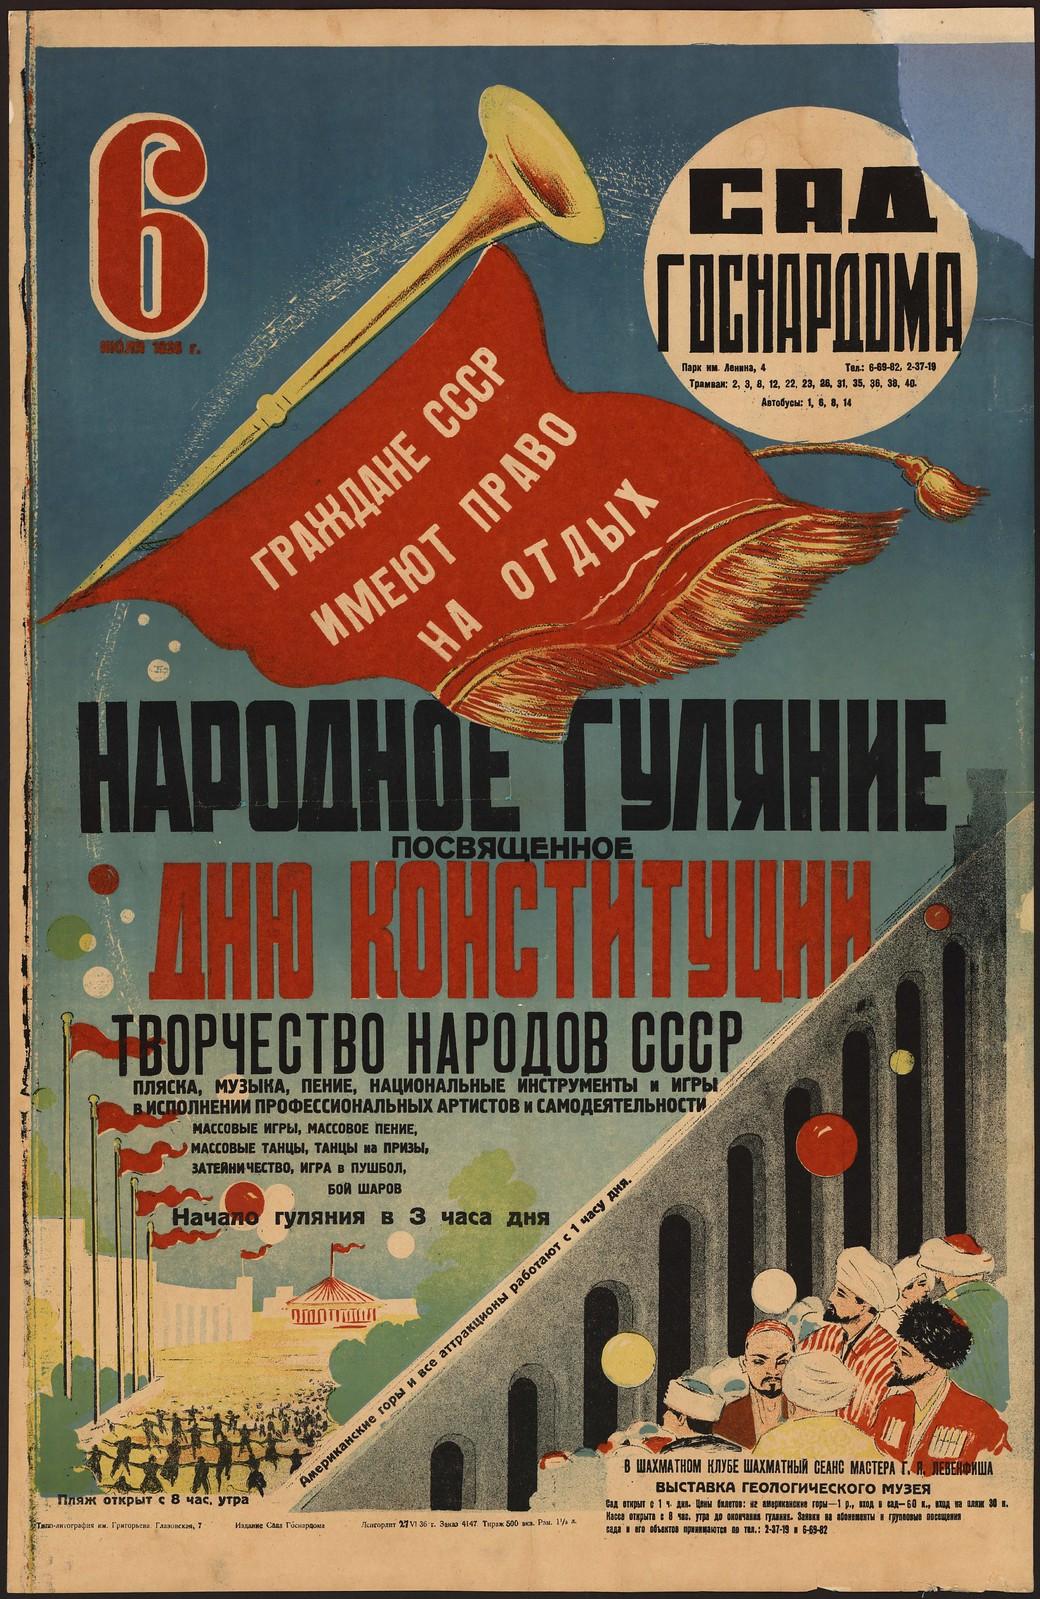 1935. Народное гуляние, посвященное Дню конституции. 6 июля. Сад Госнардома